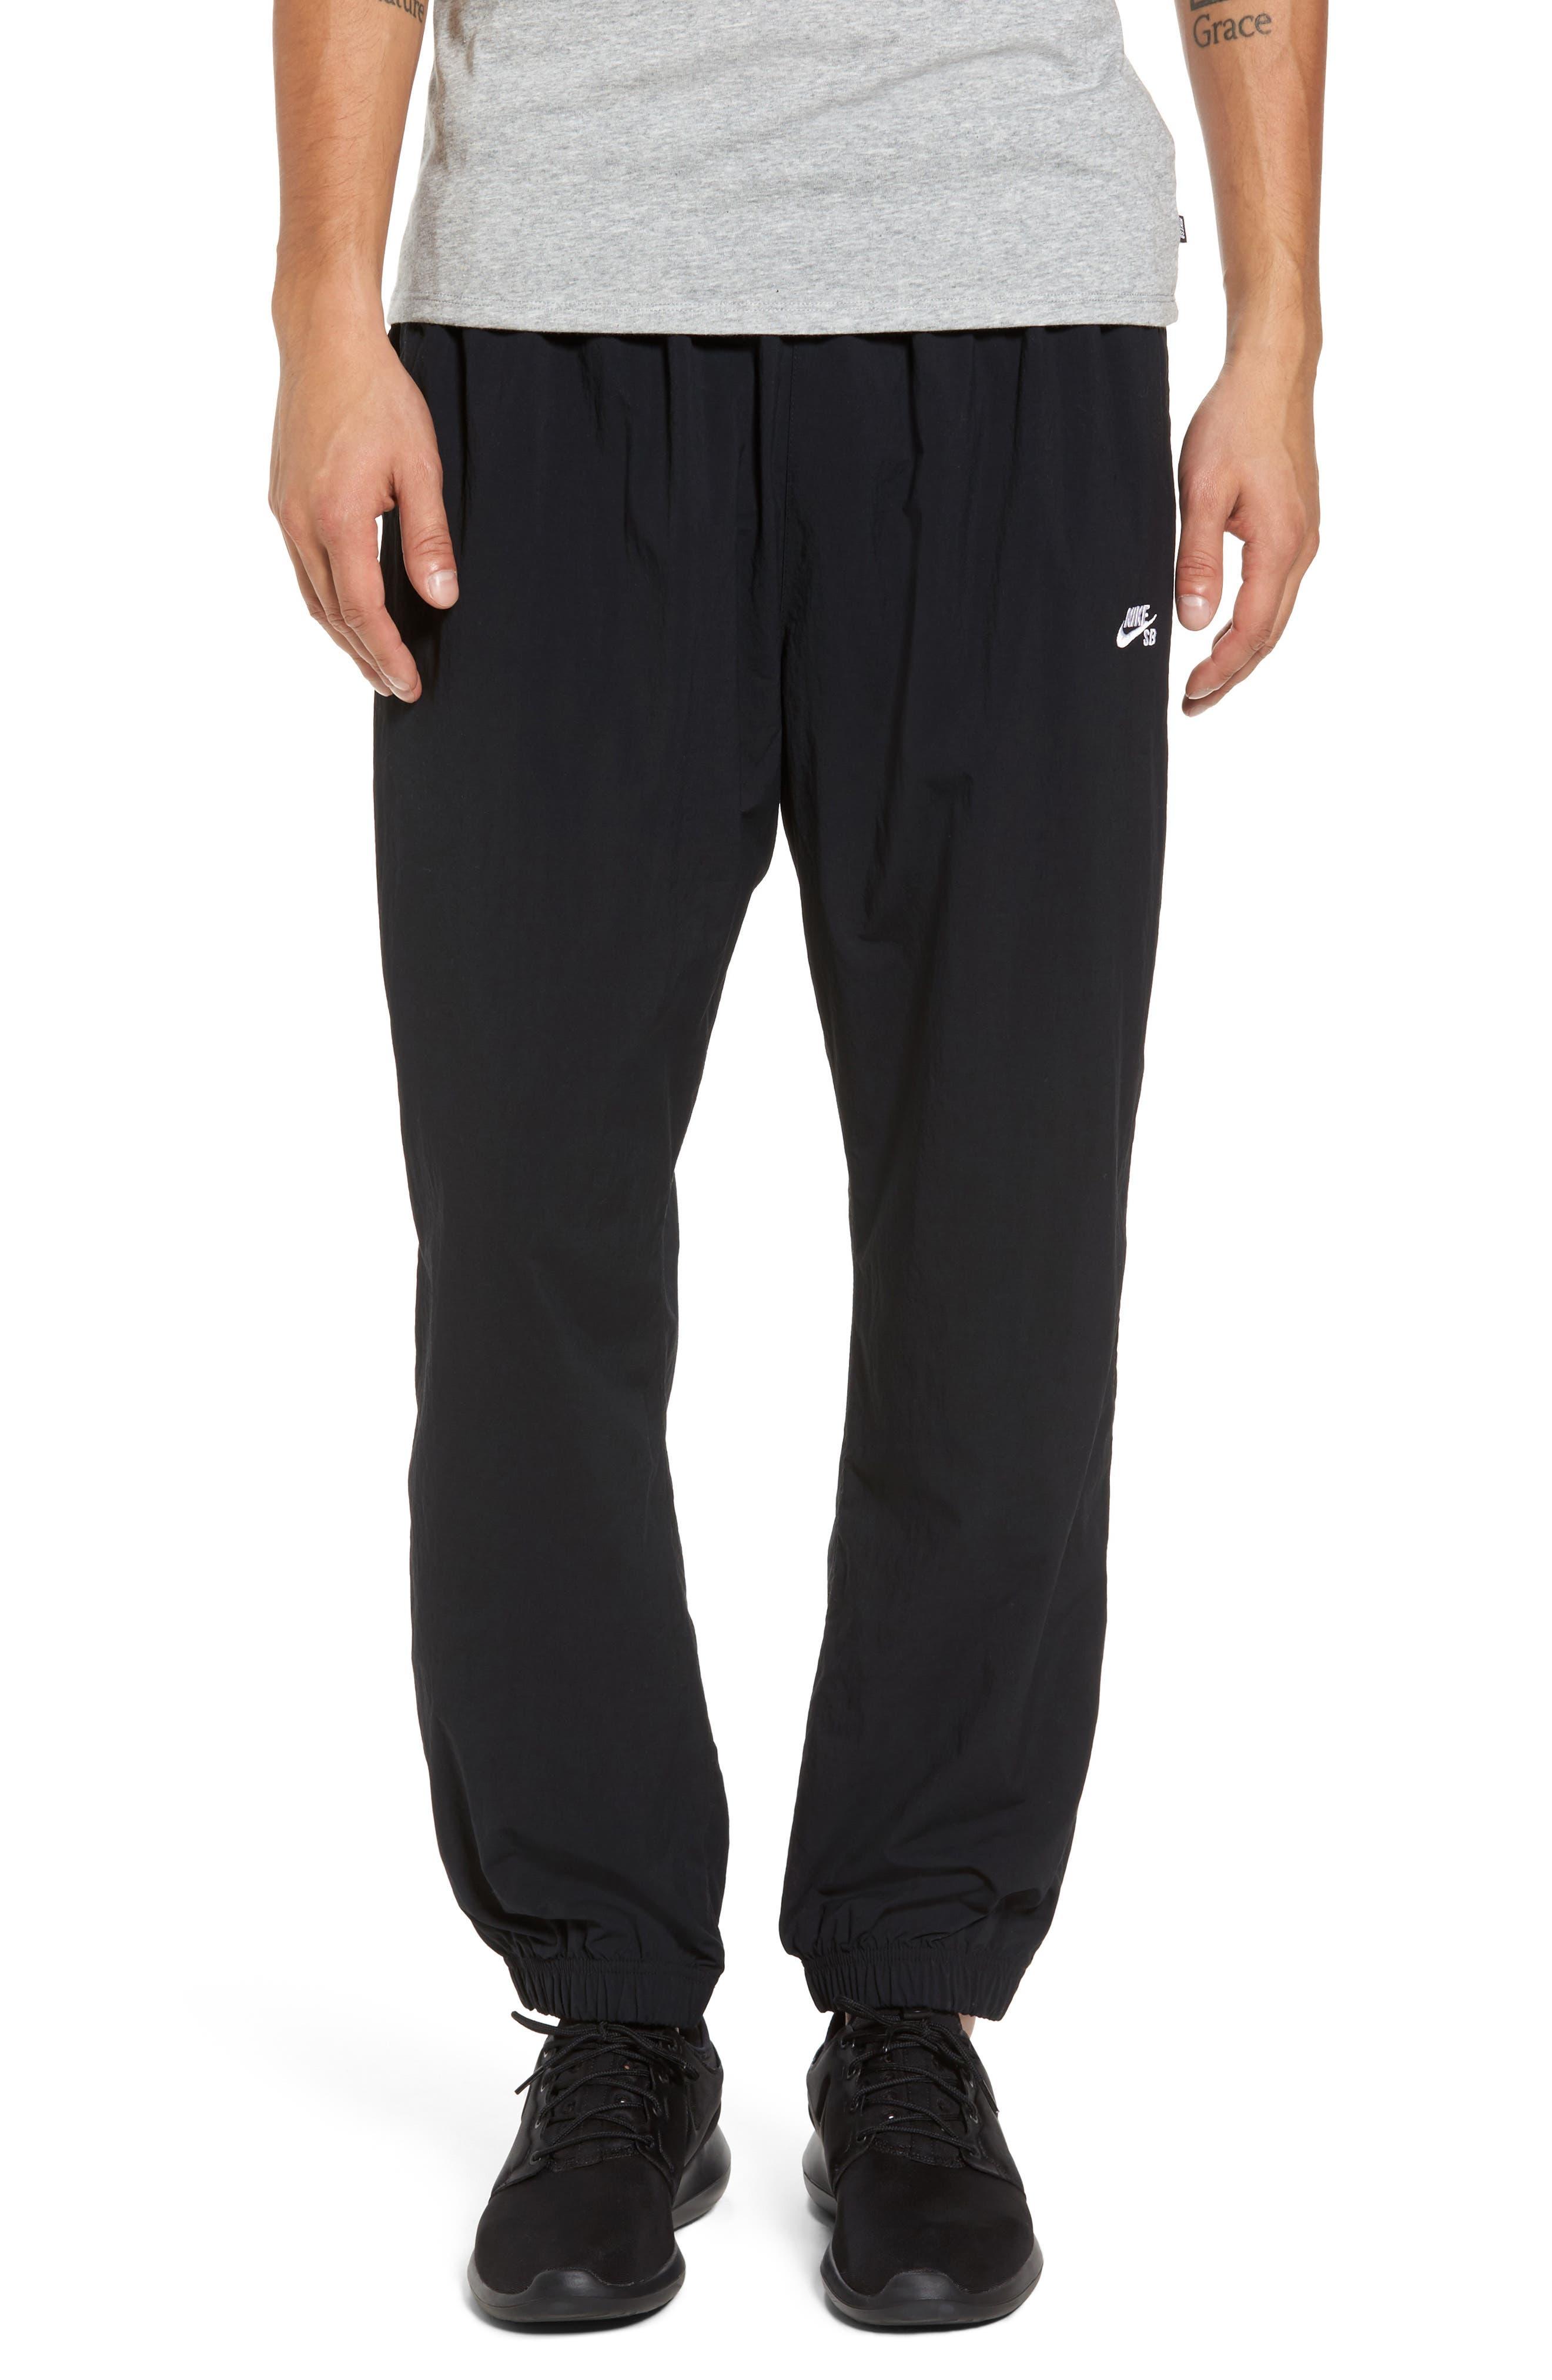 Flex Woven Pants,                             Main thumbnail 1, color,                             010